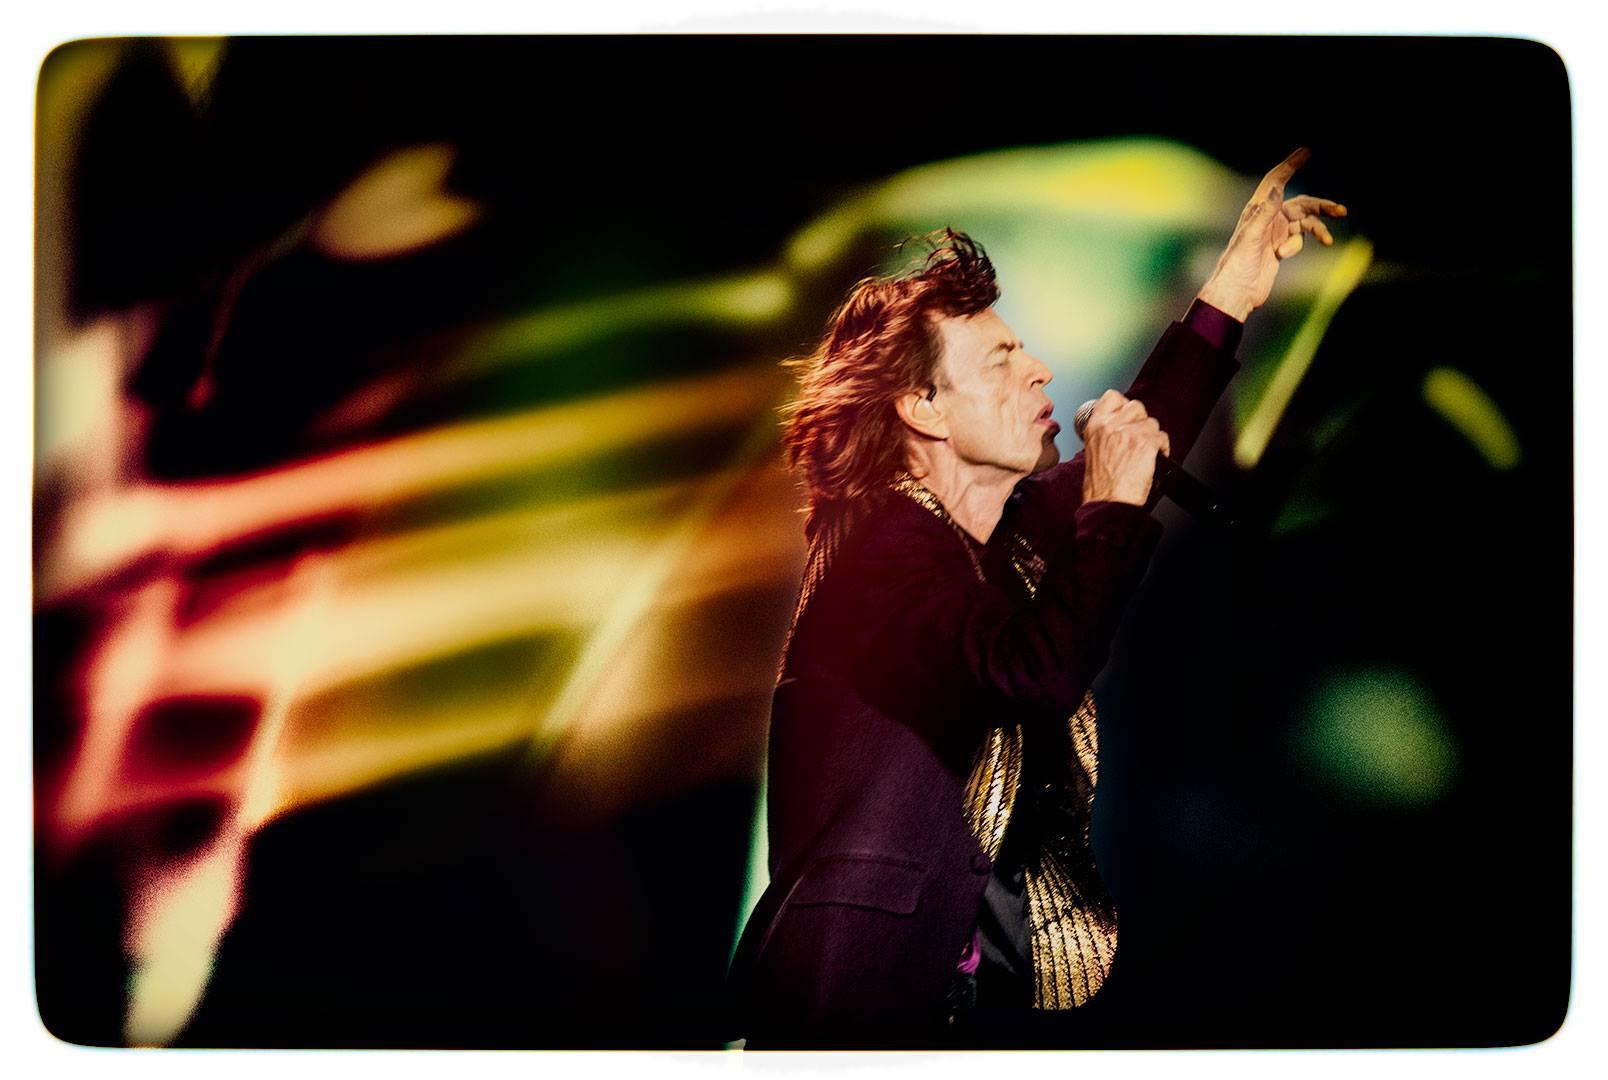 Mick Jagger © Clemens Mitscher / VG Bild-Kunst Bonn